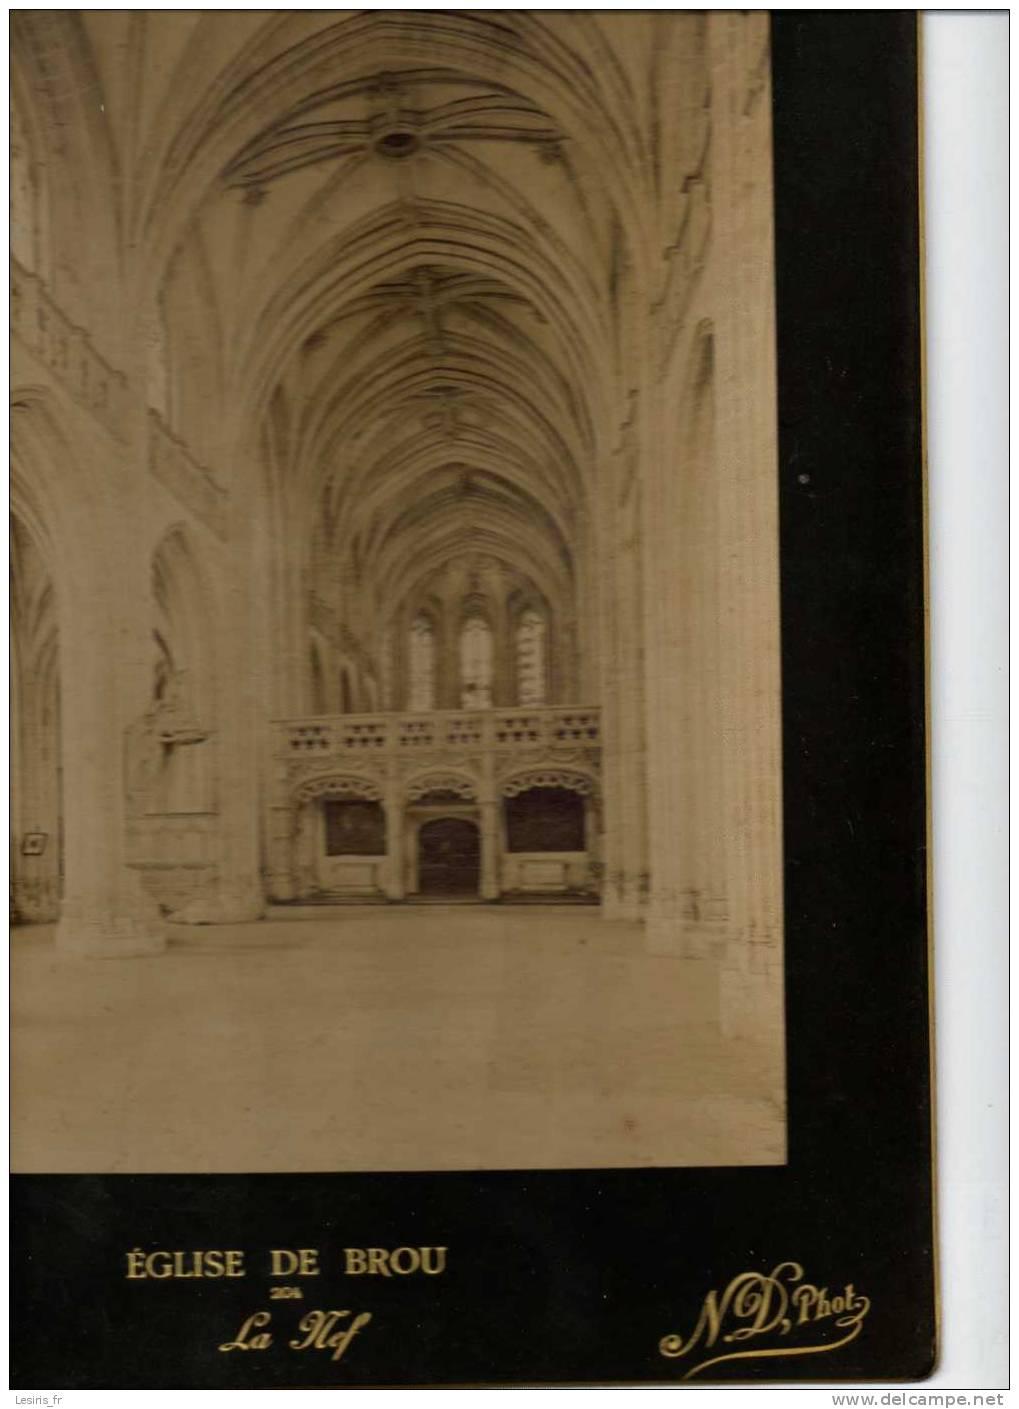 TRES GRANDE PHOTOGRAPHIE SUR CARTON - EGLISE DE BROU - 204 - LA NEF - 1896 - N.D.PHOT. 419 - Fotos